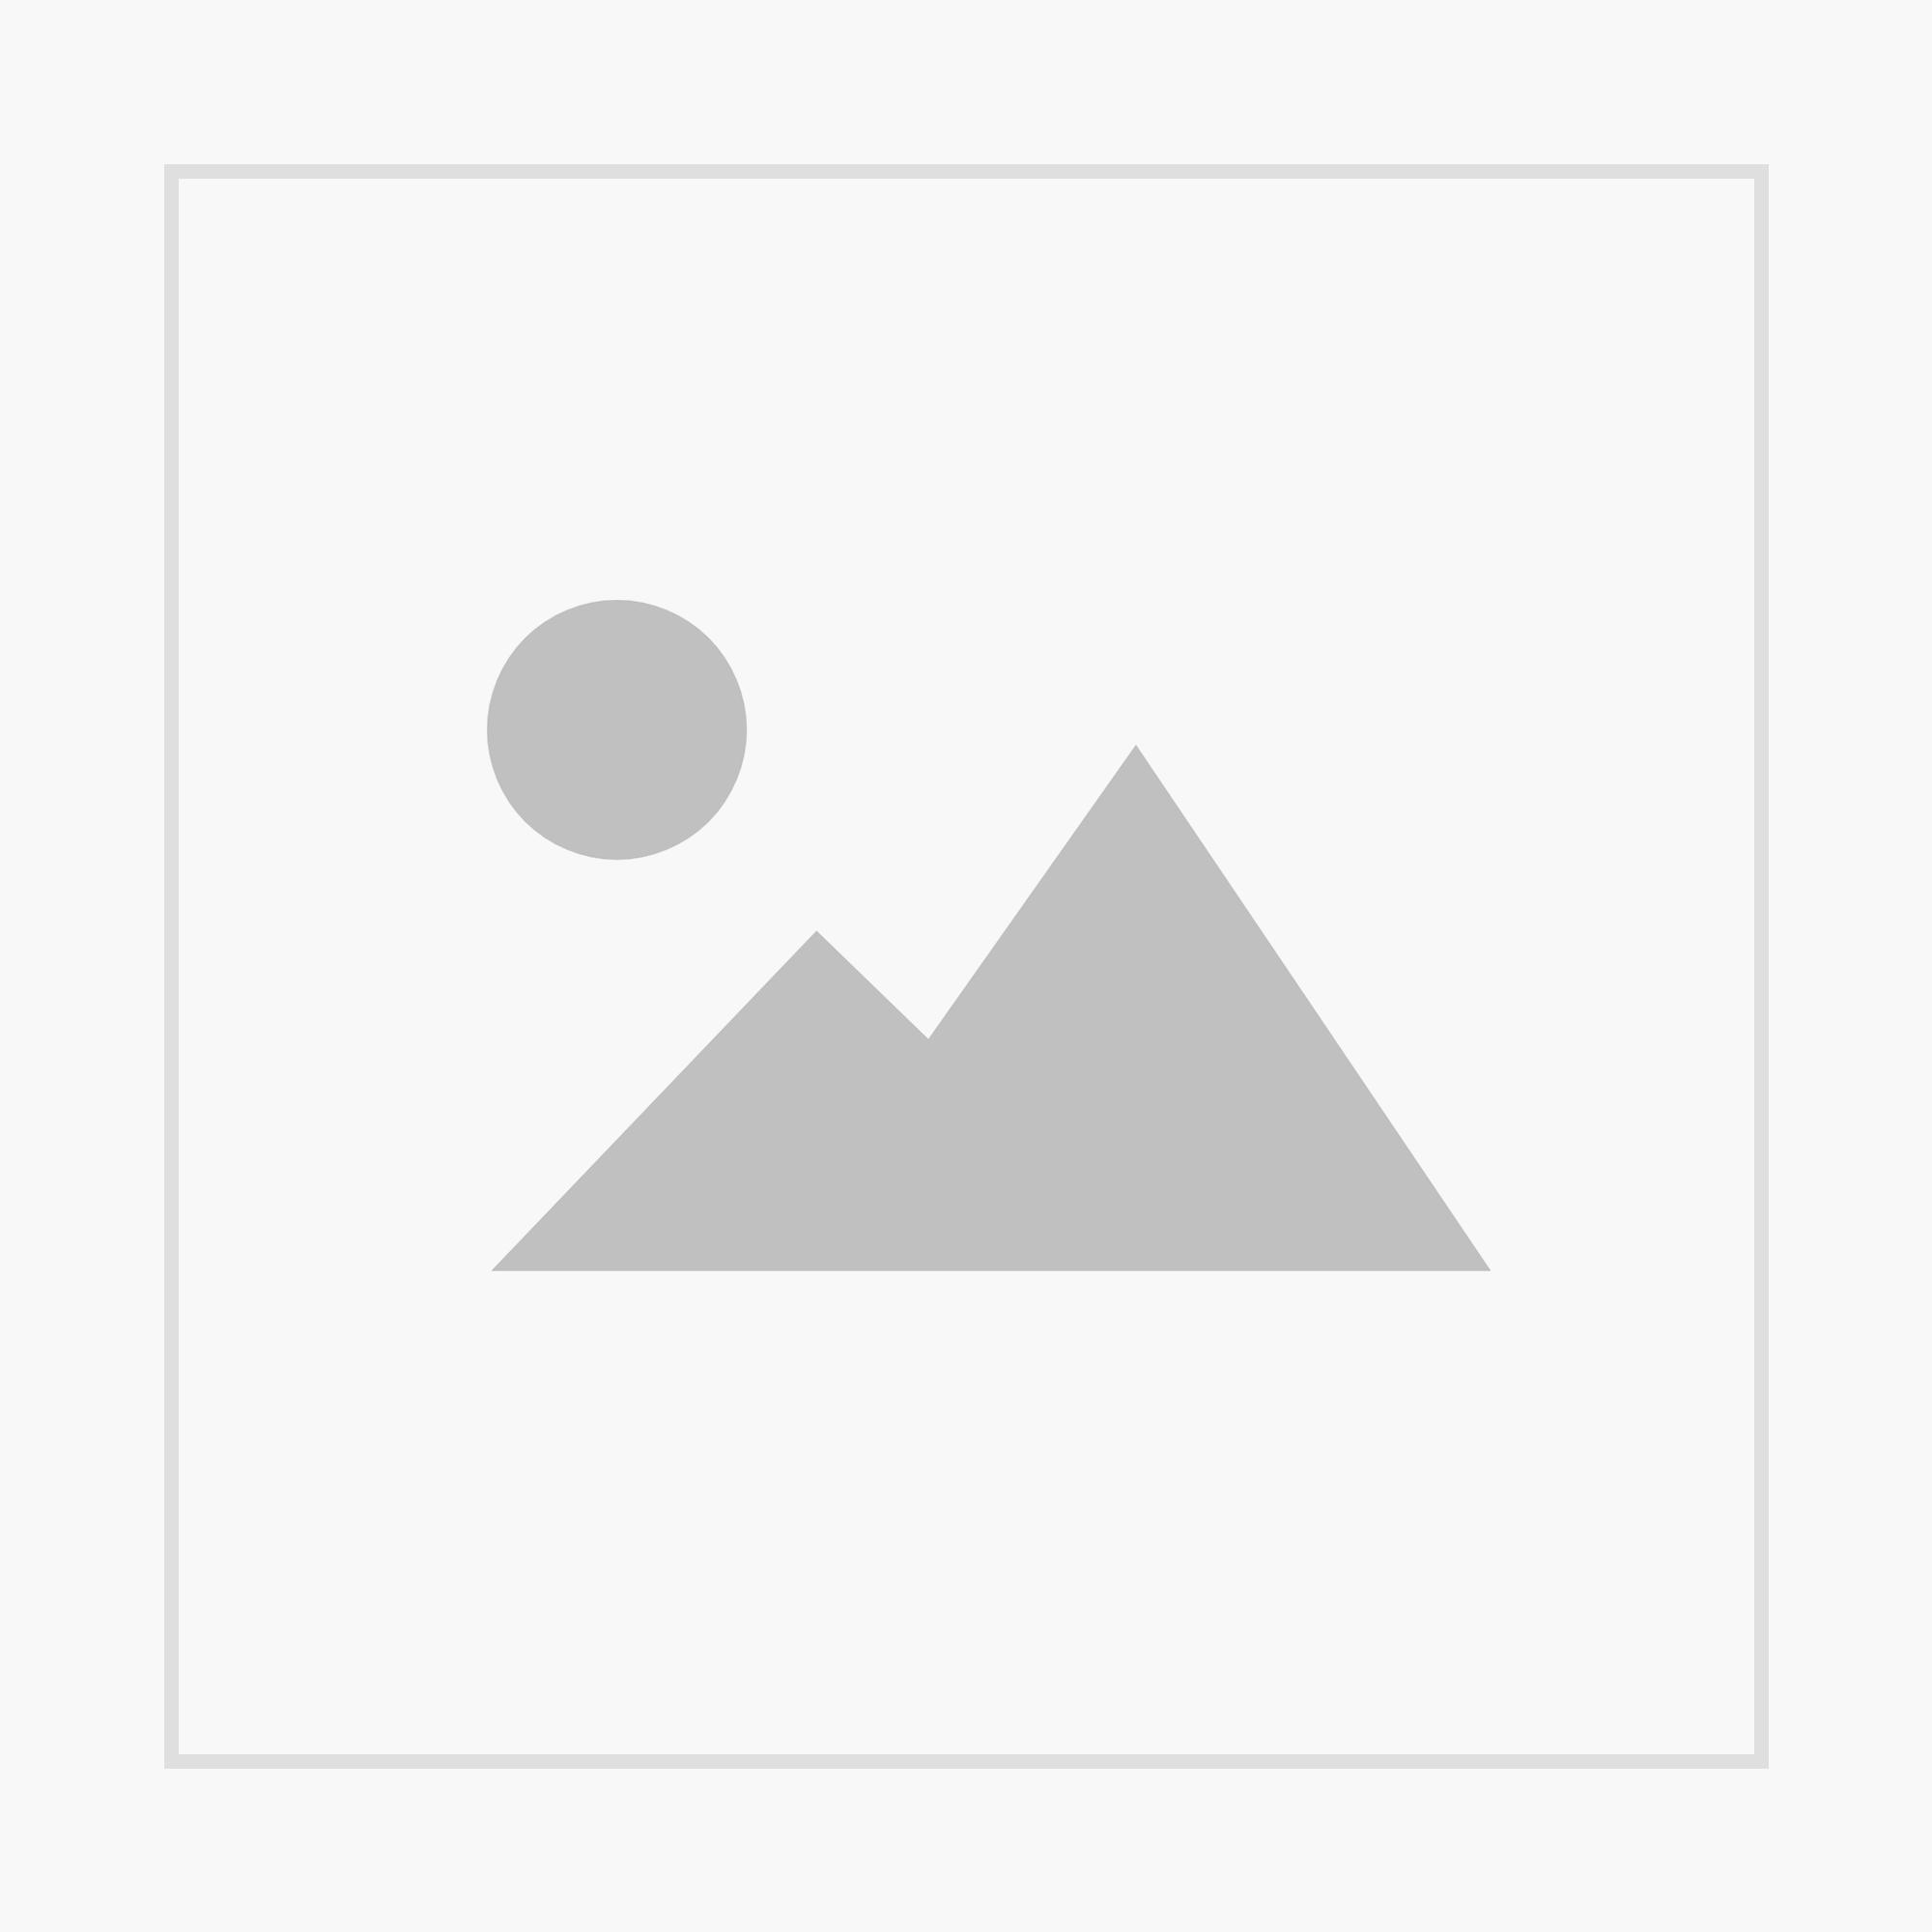 NaBiV Heft 32: BioPop - Funktionale Merkmale von Pflanzen und ihre Anwendungsmöglichkeiten im Arten-, Biotop- und Naturschutz